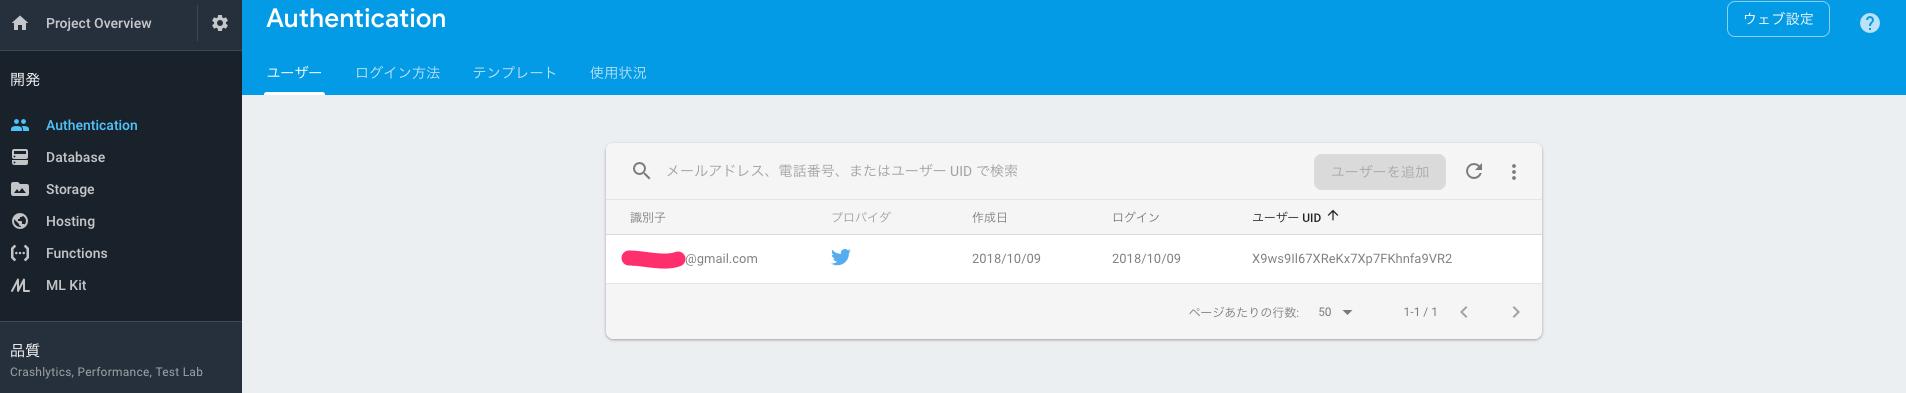 スクリーンショット_2018-10-09_2_16_28(2).png